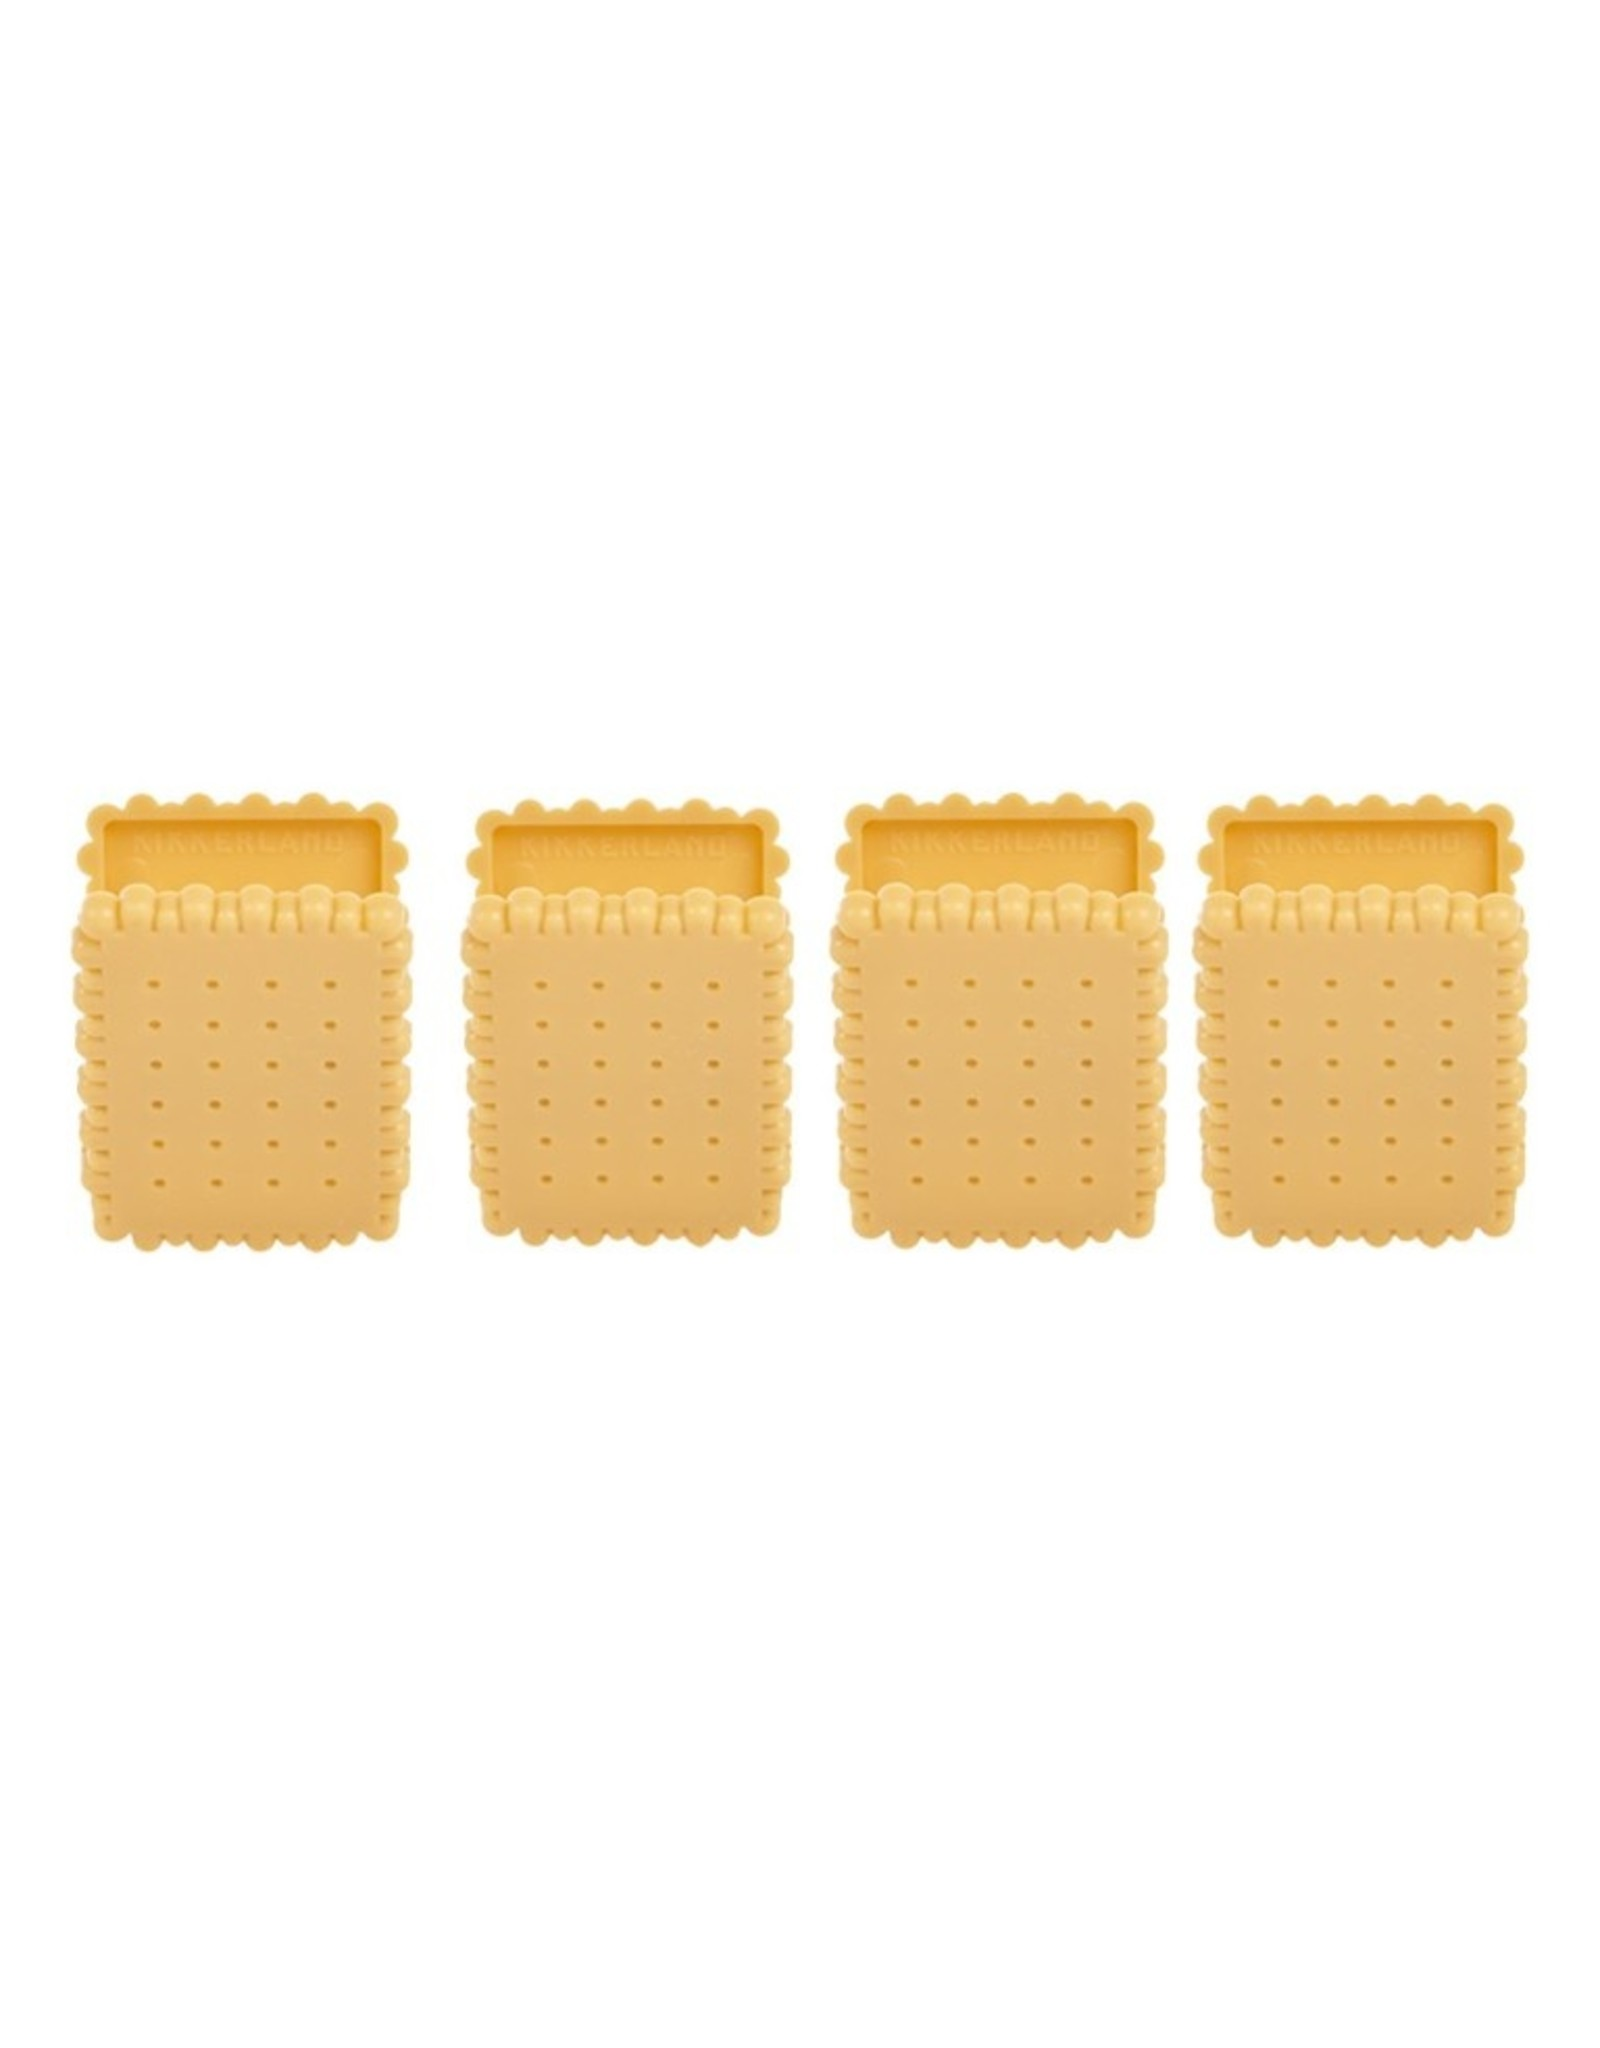 Kikkerland Biscuit clip